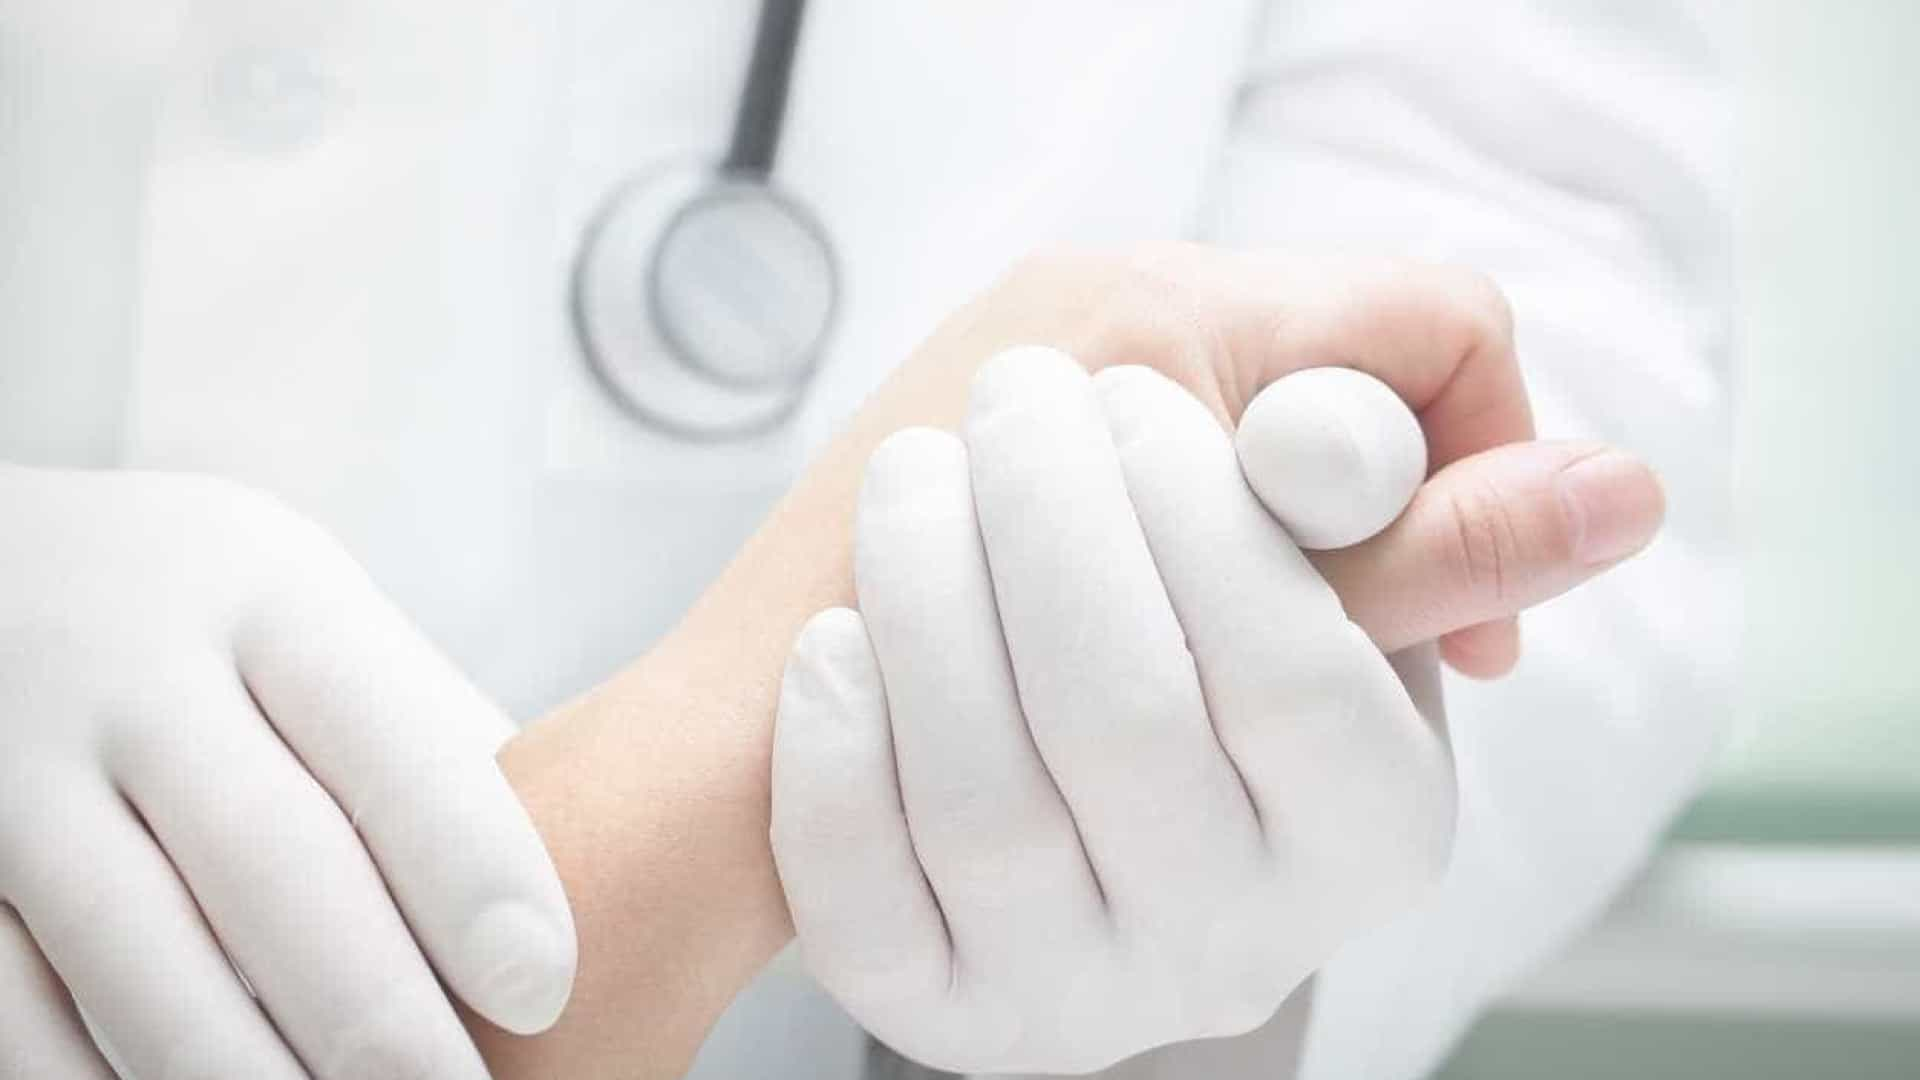 PS pede melhorias no Serviço Nacional de Saúde e reavaliação das taxas